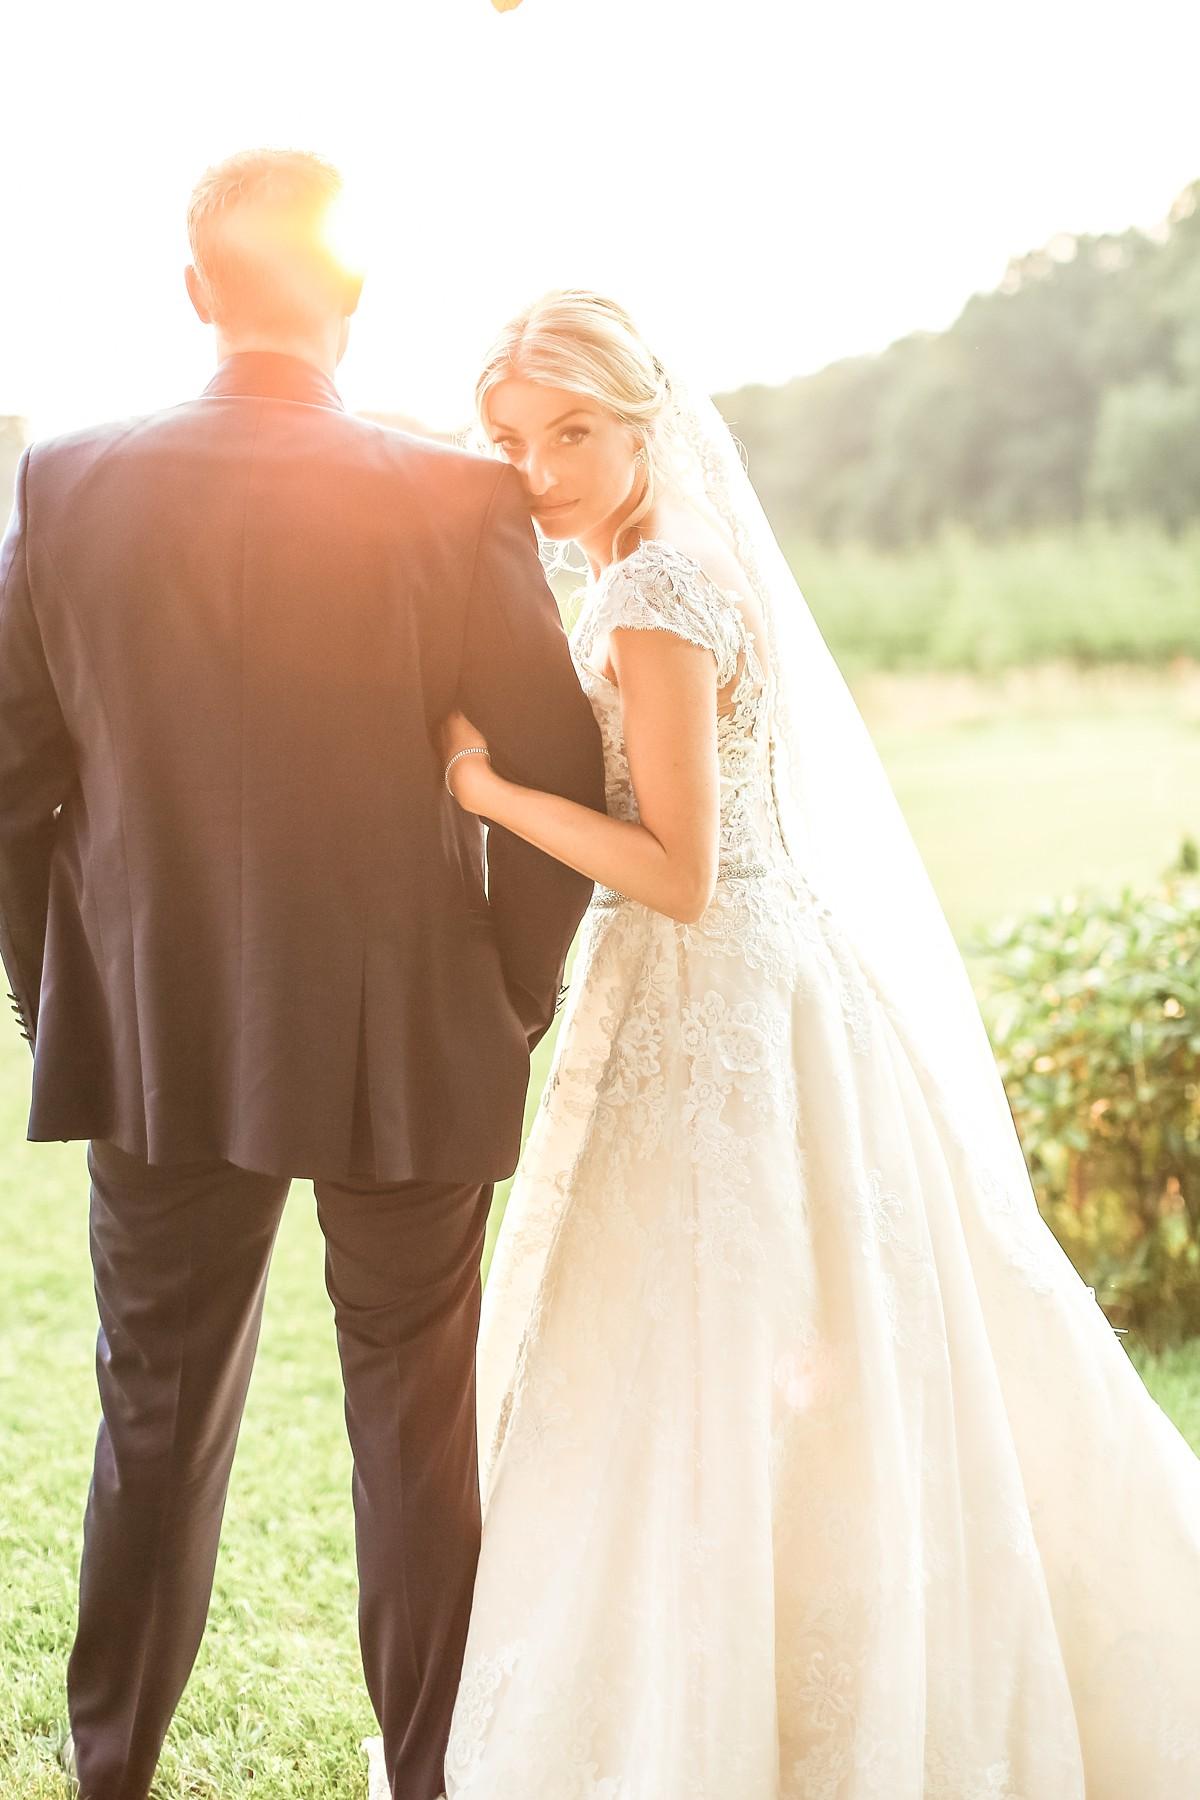 Hochzeitsfotograf-Herford-van-Laer-Fotograf-Hochzeit-Nrw_0099